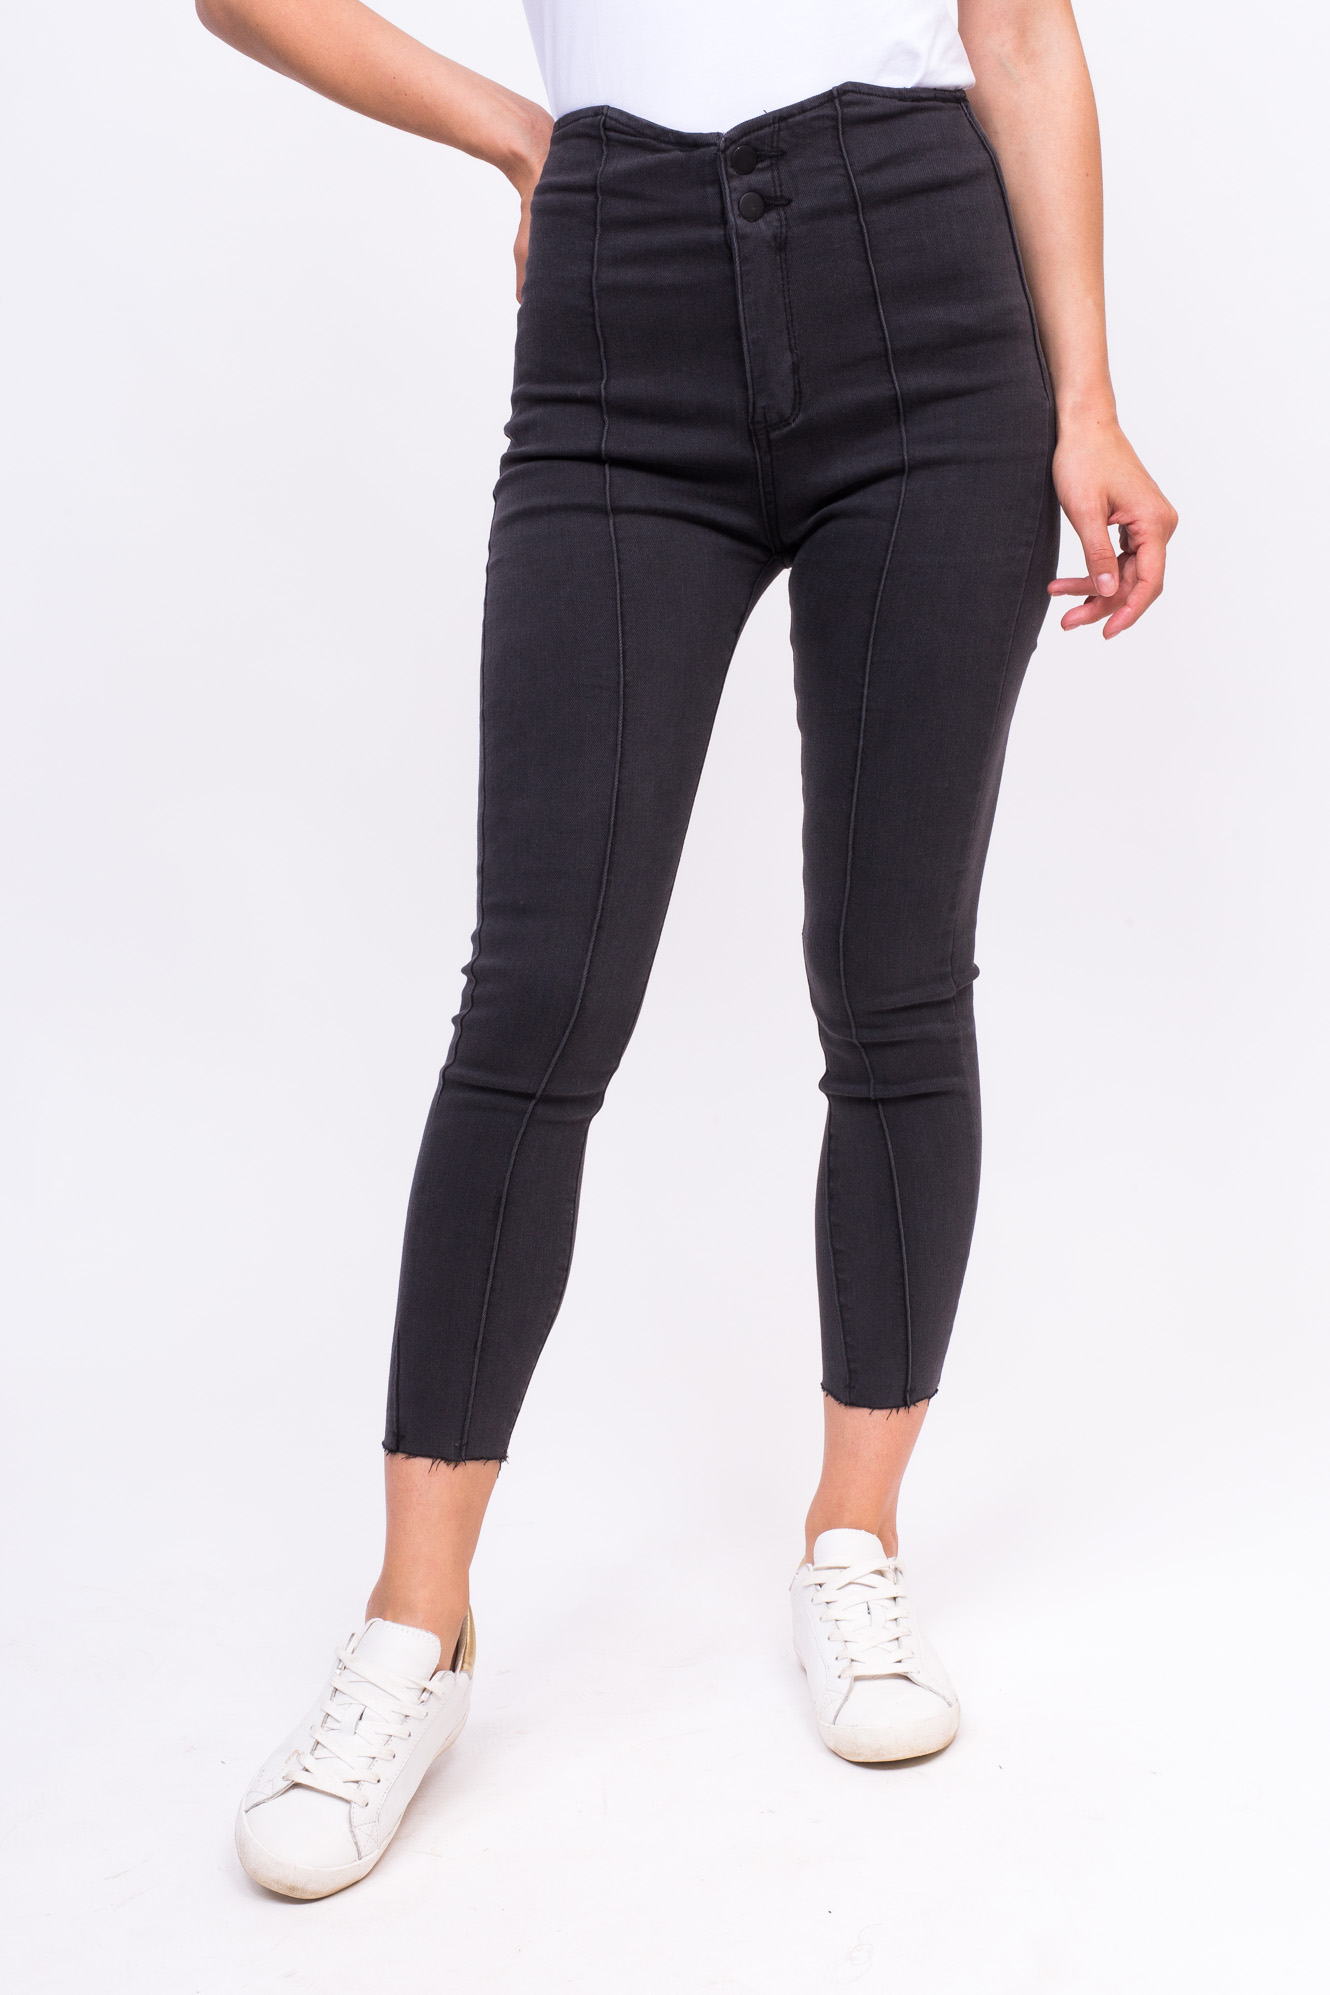 Стильные стрейчевые джинсы LUREX - серый цвет